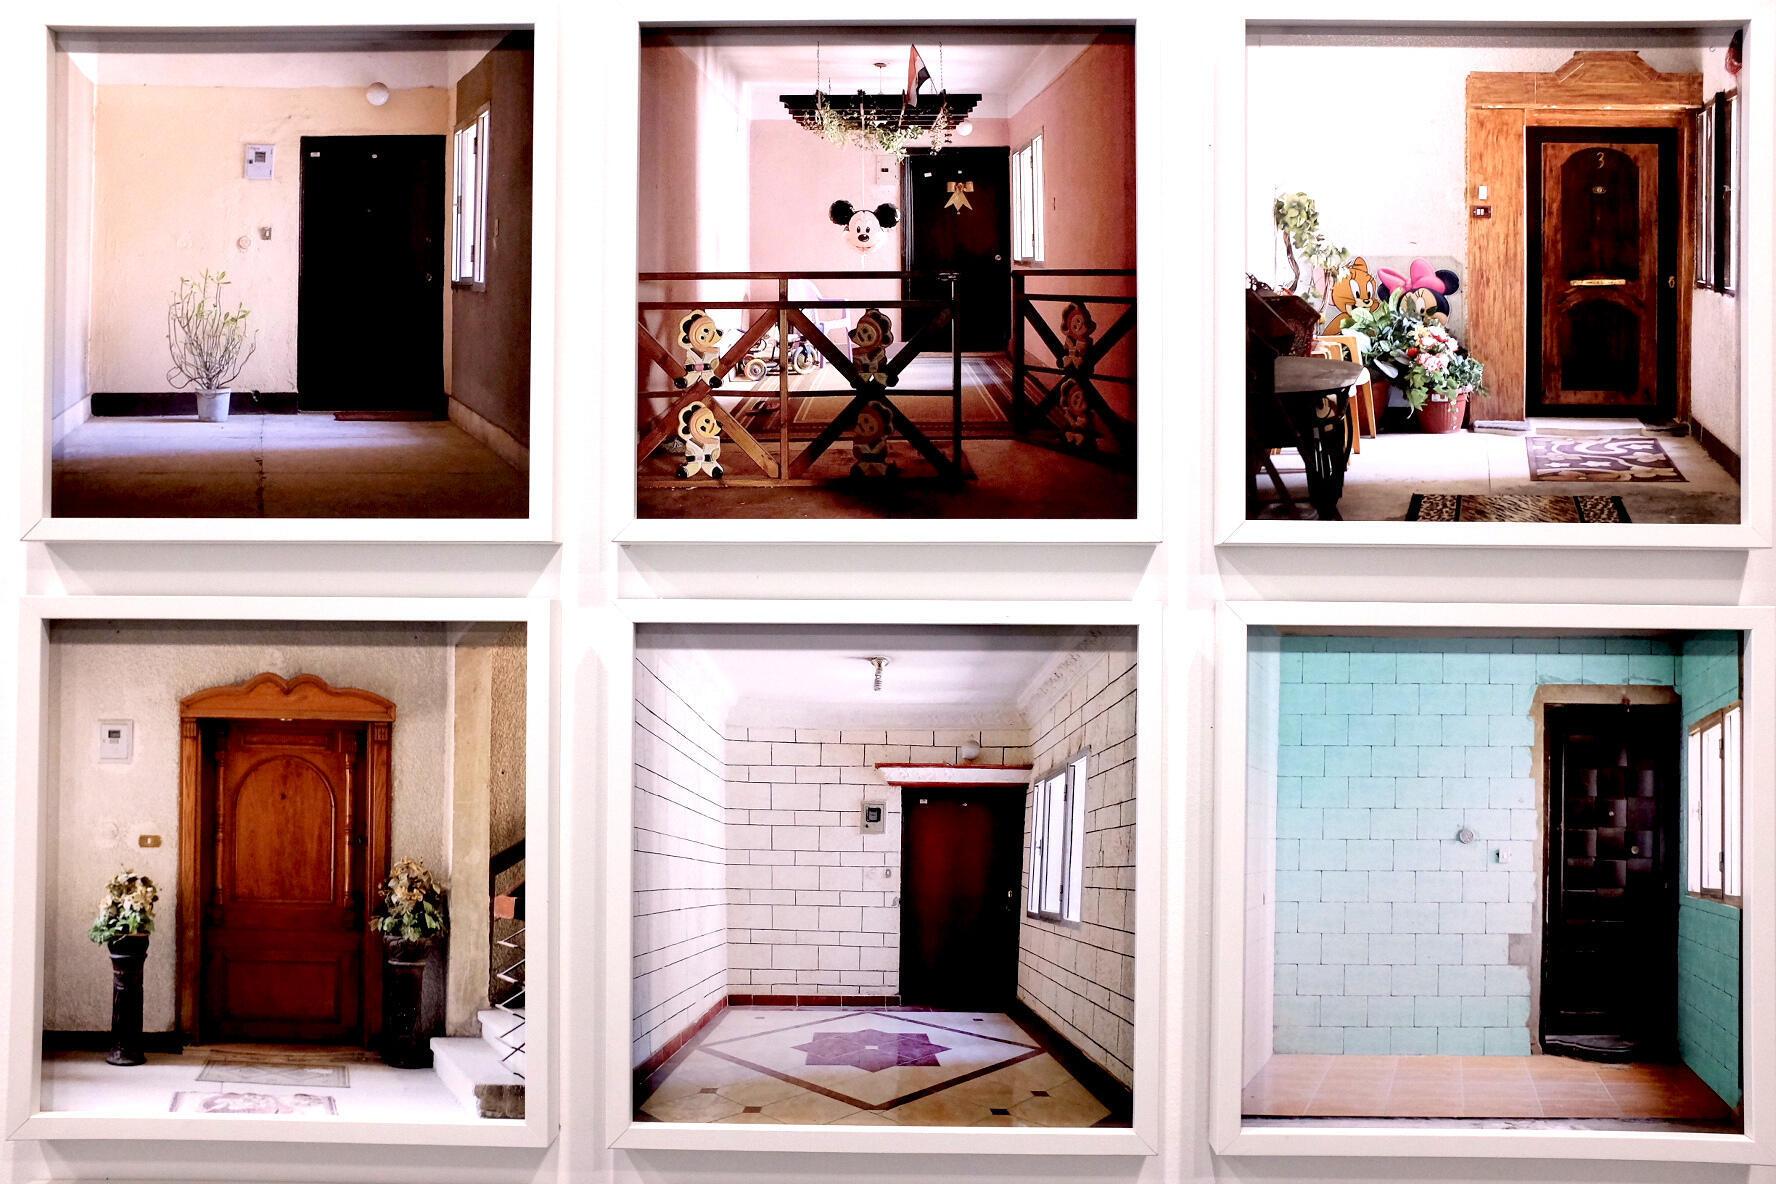 Photo issue de la série « Public Performance », de Mai Al Shazly, prise de vue dans l'exposition « Hakawi » à la Cité internationale des arts, Paris.